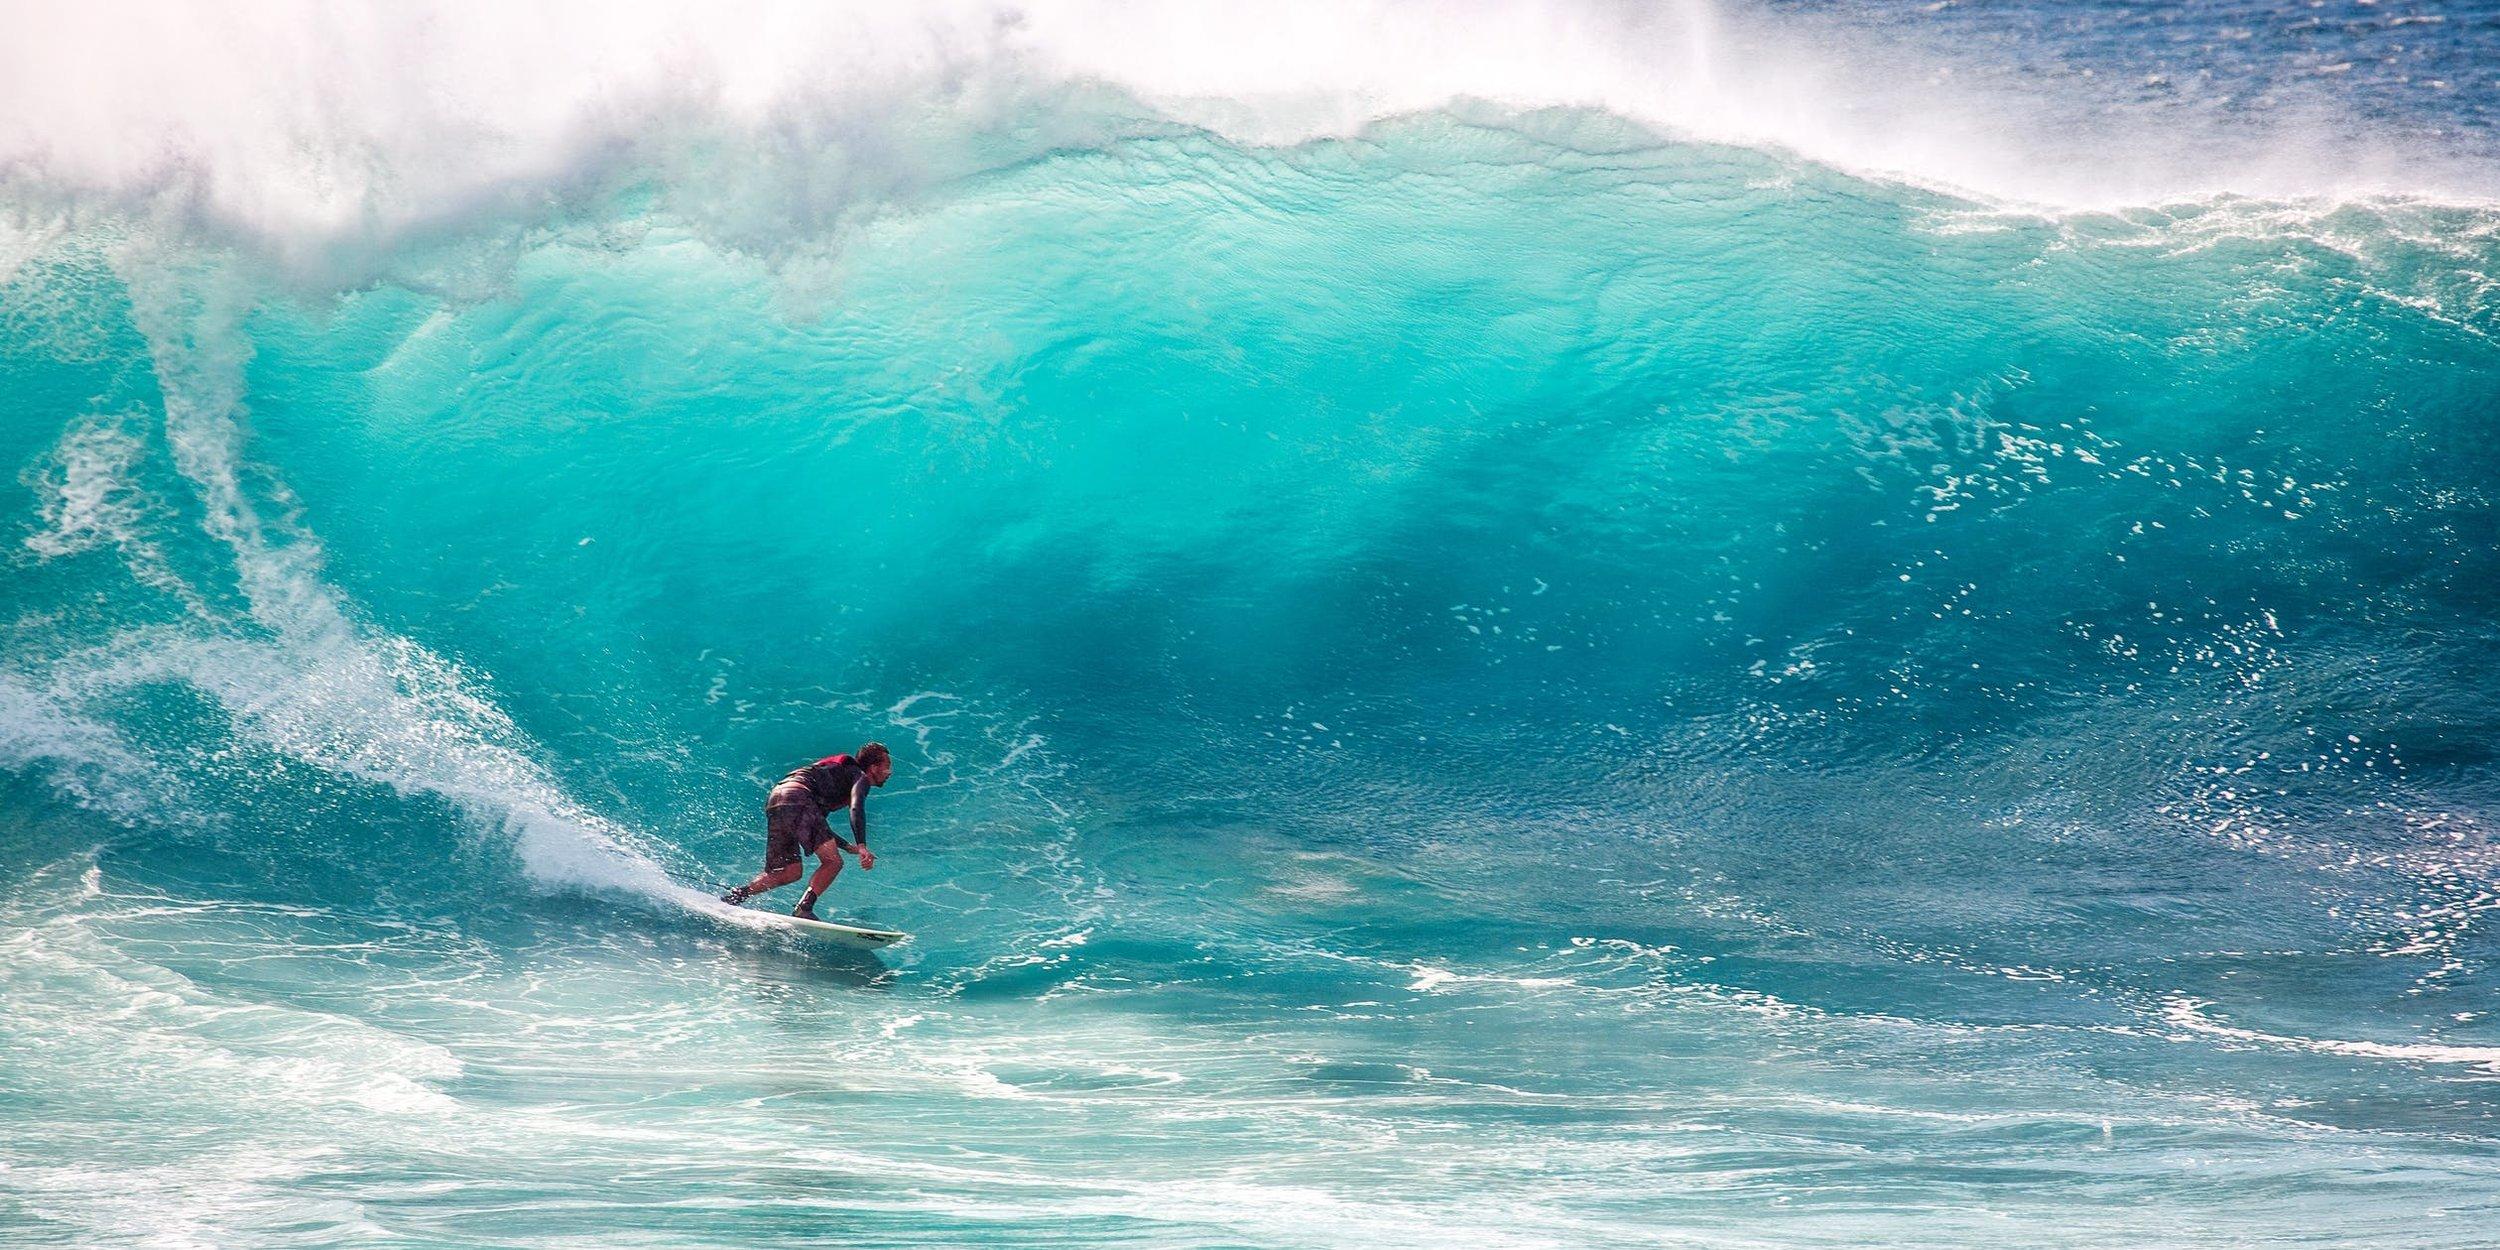 Les côtes pour surfer ne manque pas au Portugal